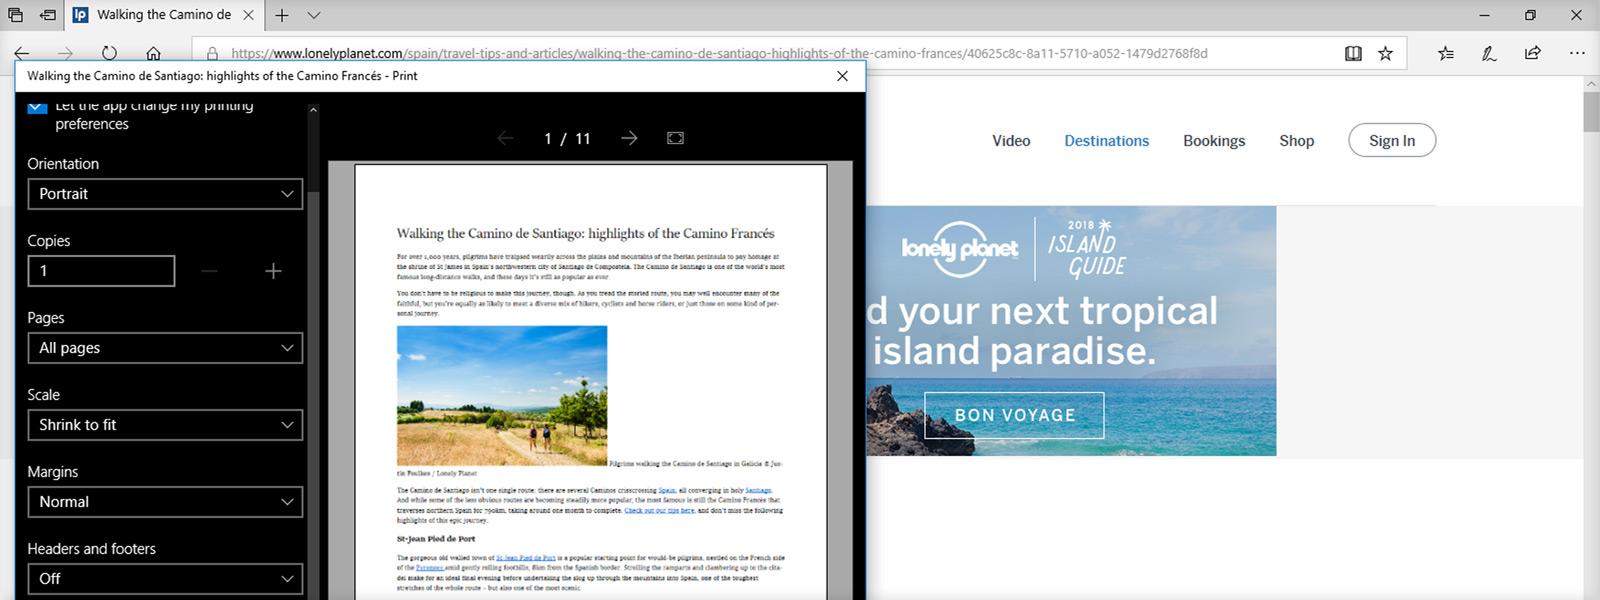 İlgili web sitesindeki reklamlar olmadan baskı önizlemesini gösteren Edge'in ekran görüntüsü